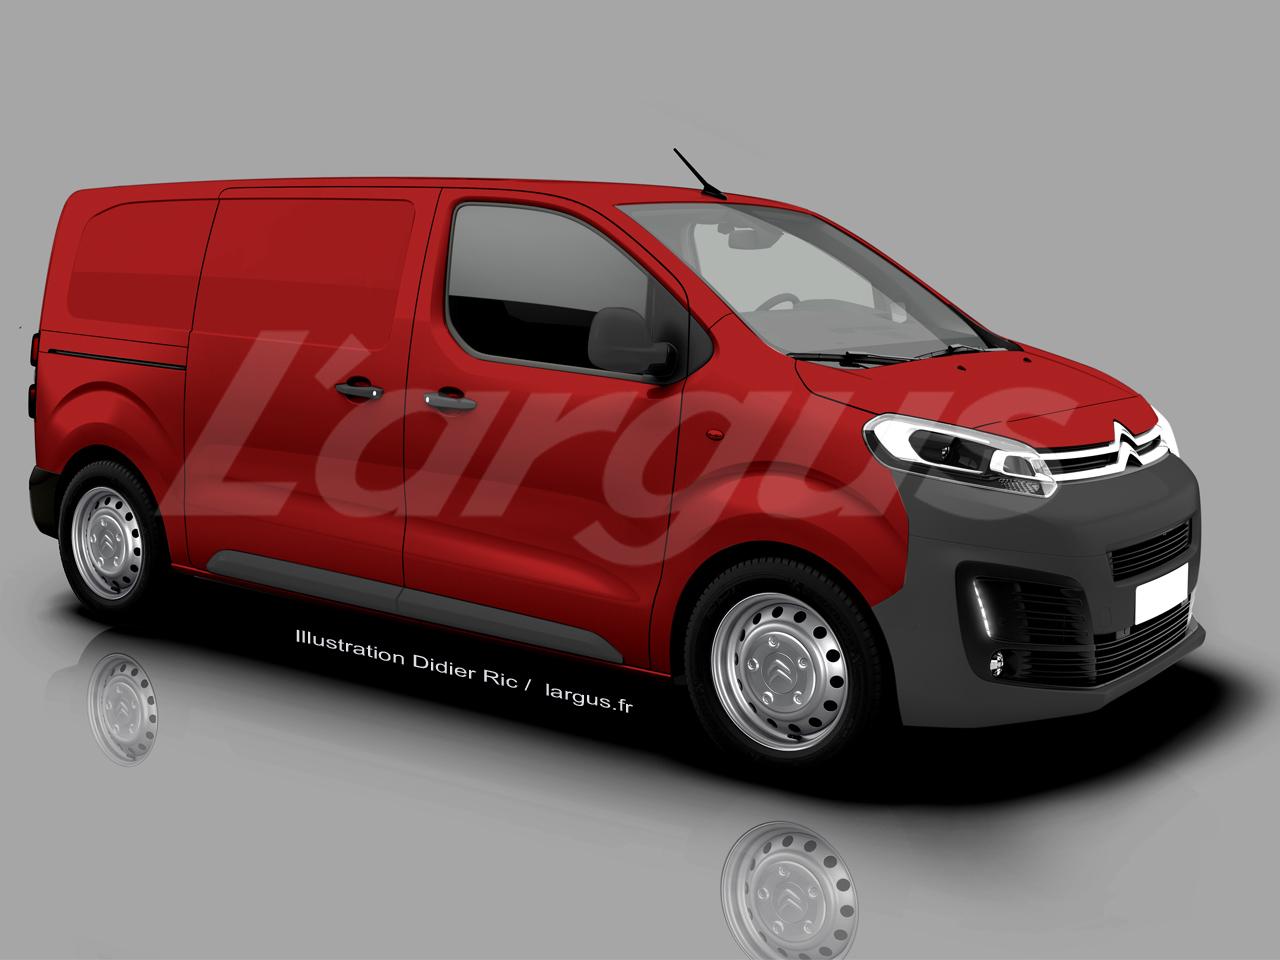 [SUJET OFFICIEL] Citroën SpaceTourer - Page 13 Citroen-jumpy-2016